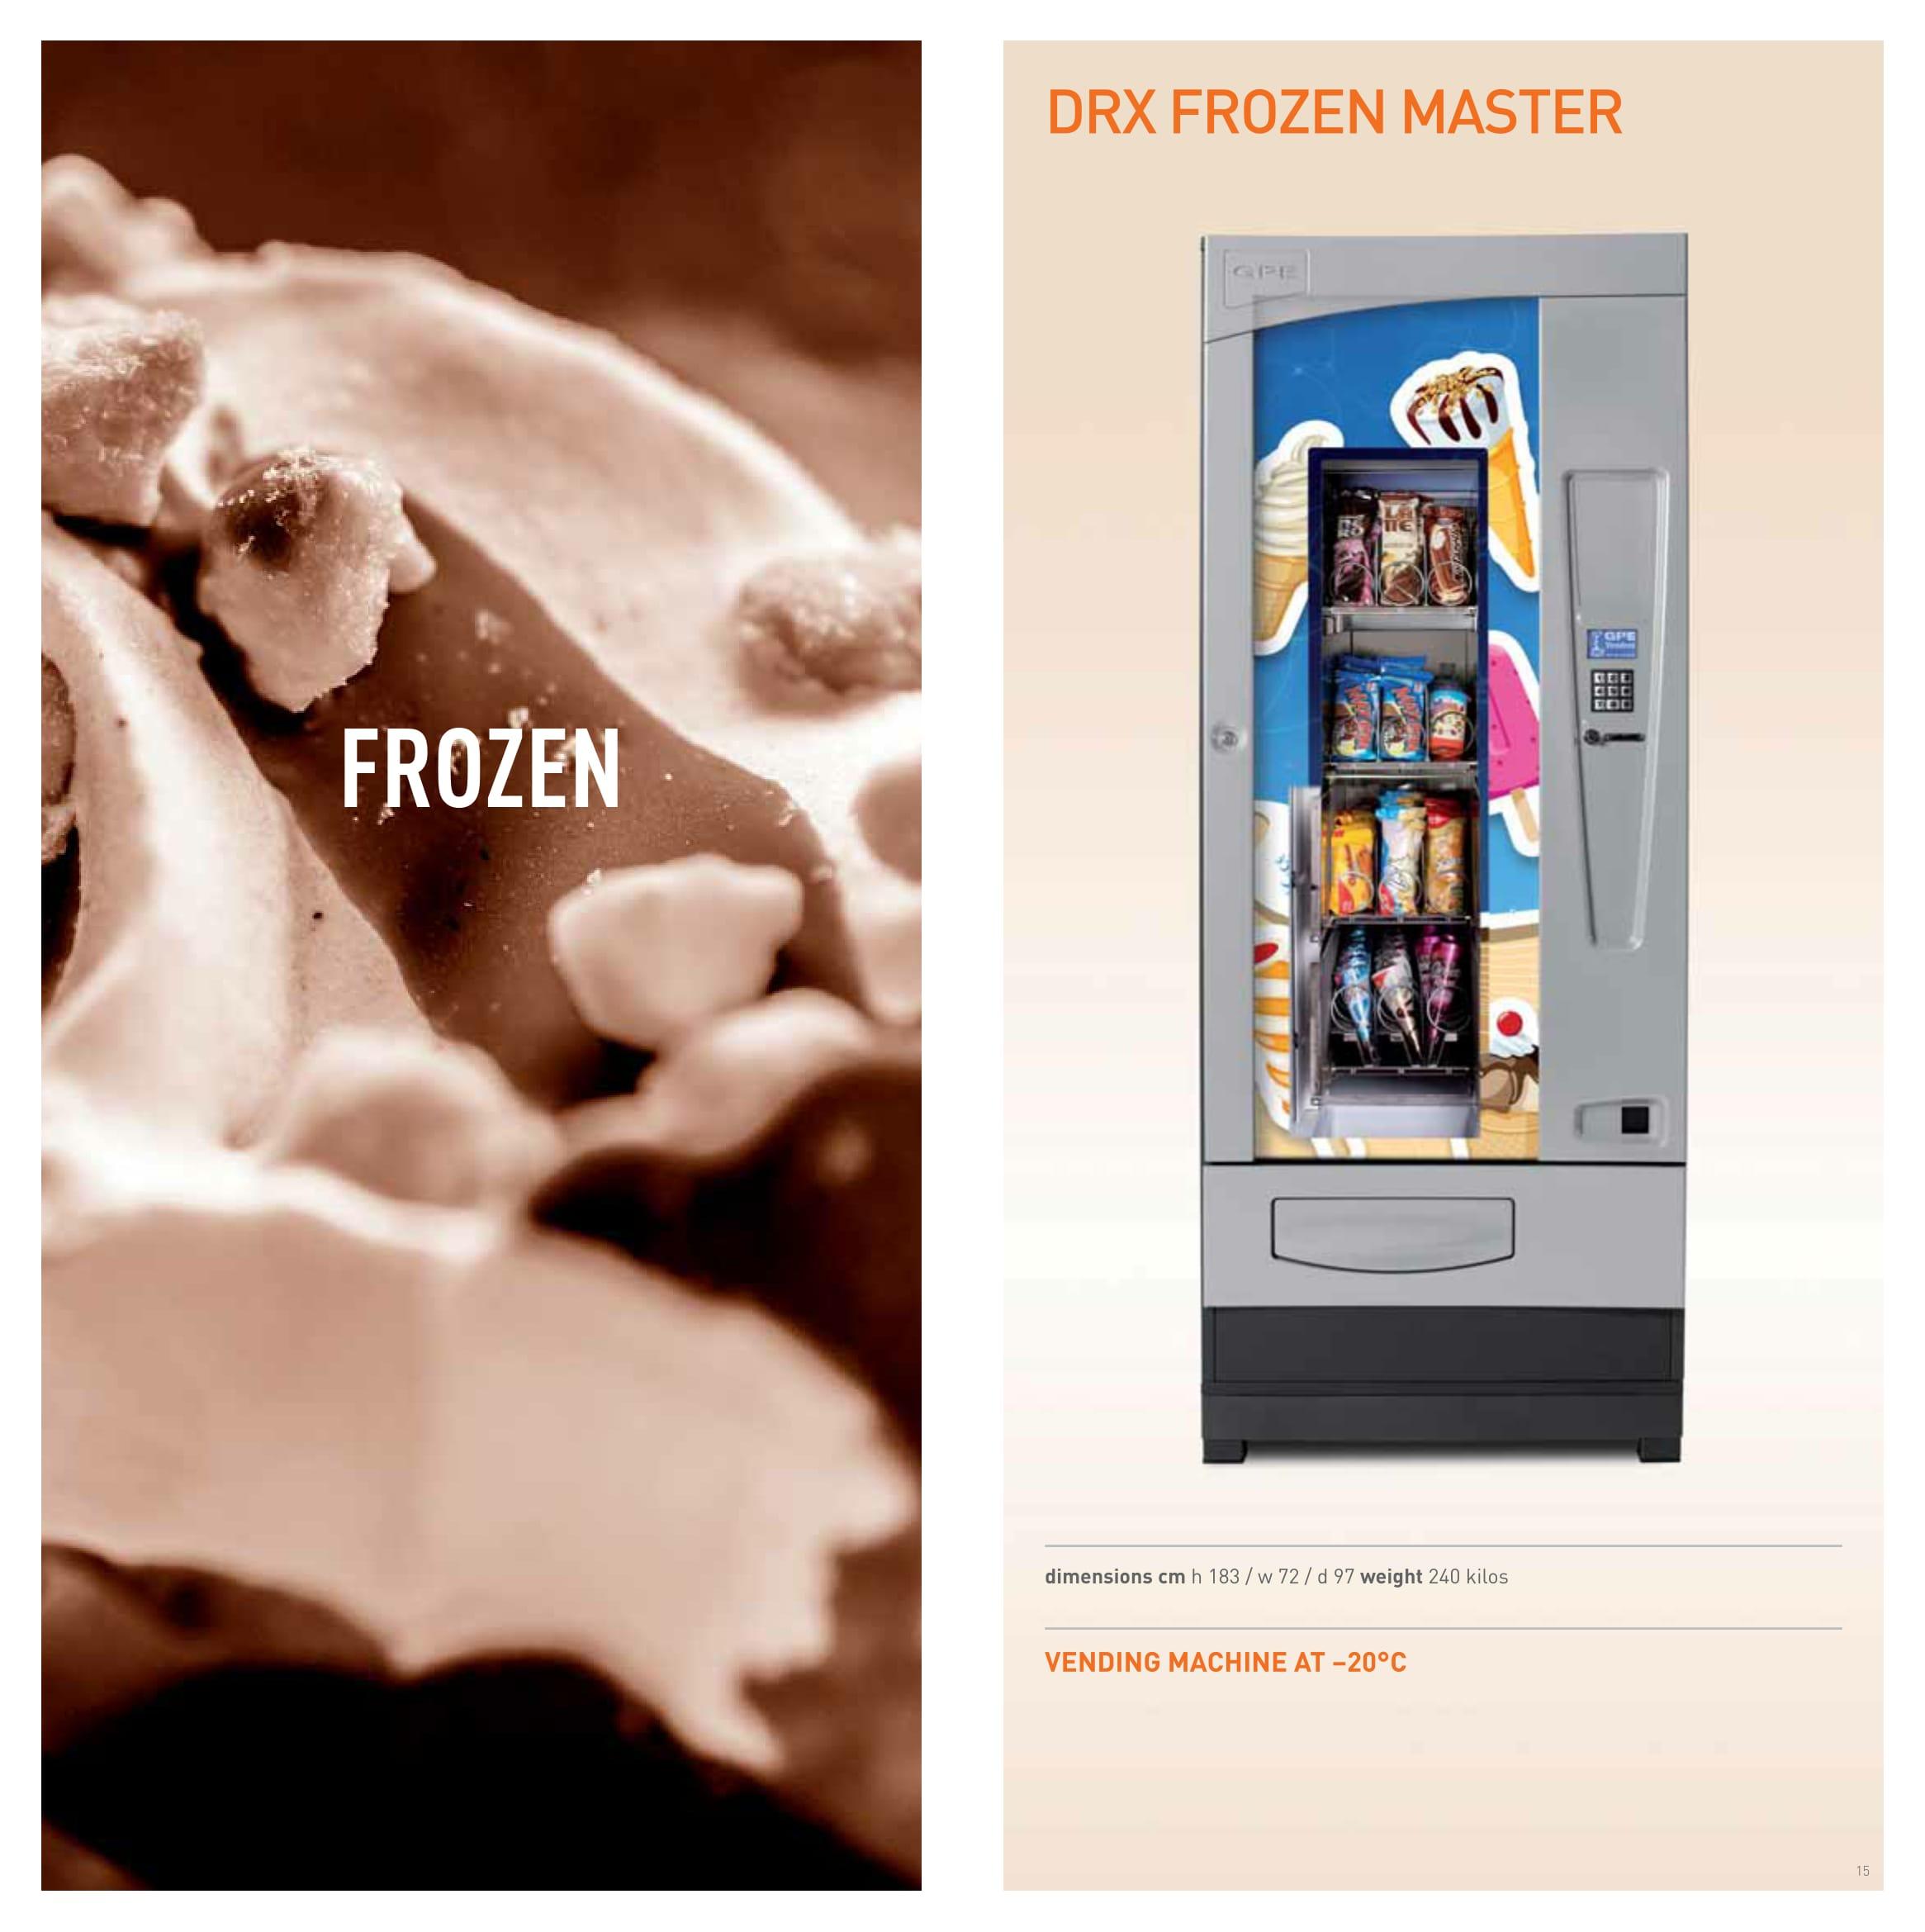 Drx Frozen Master